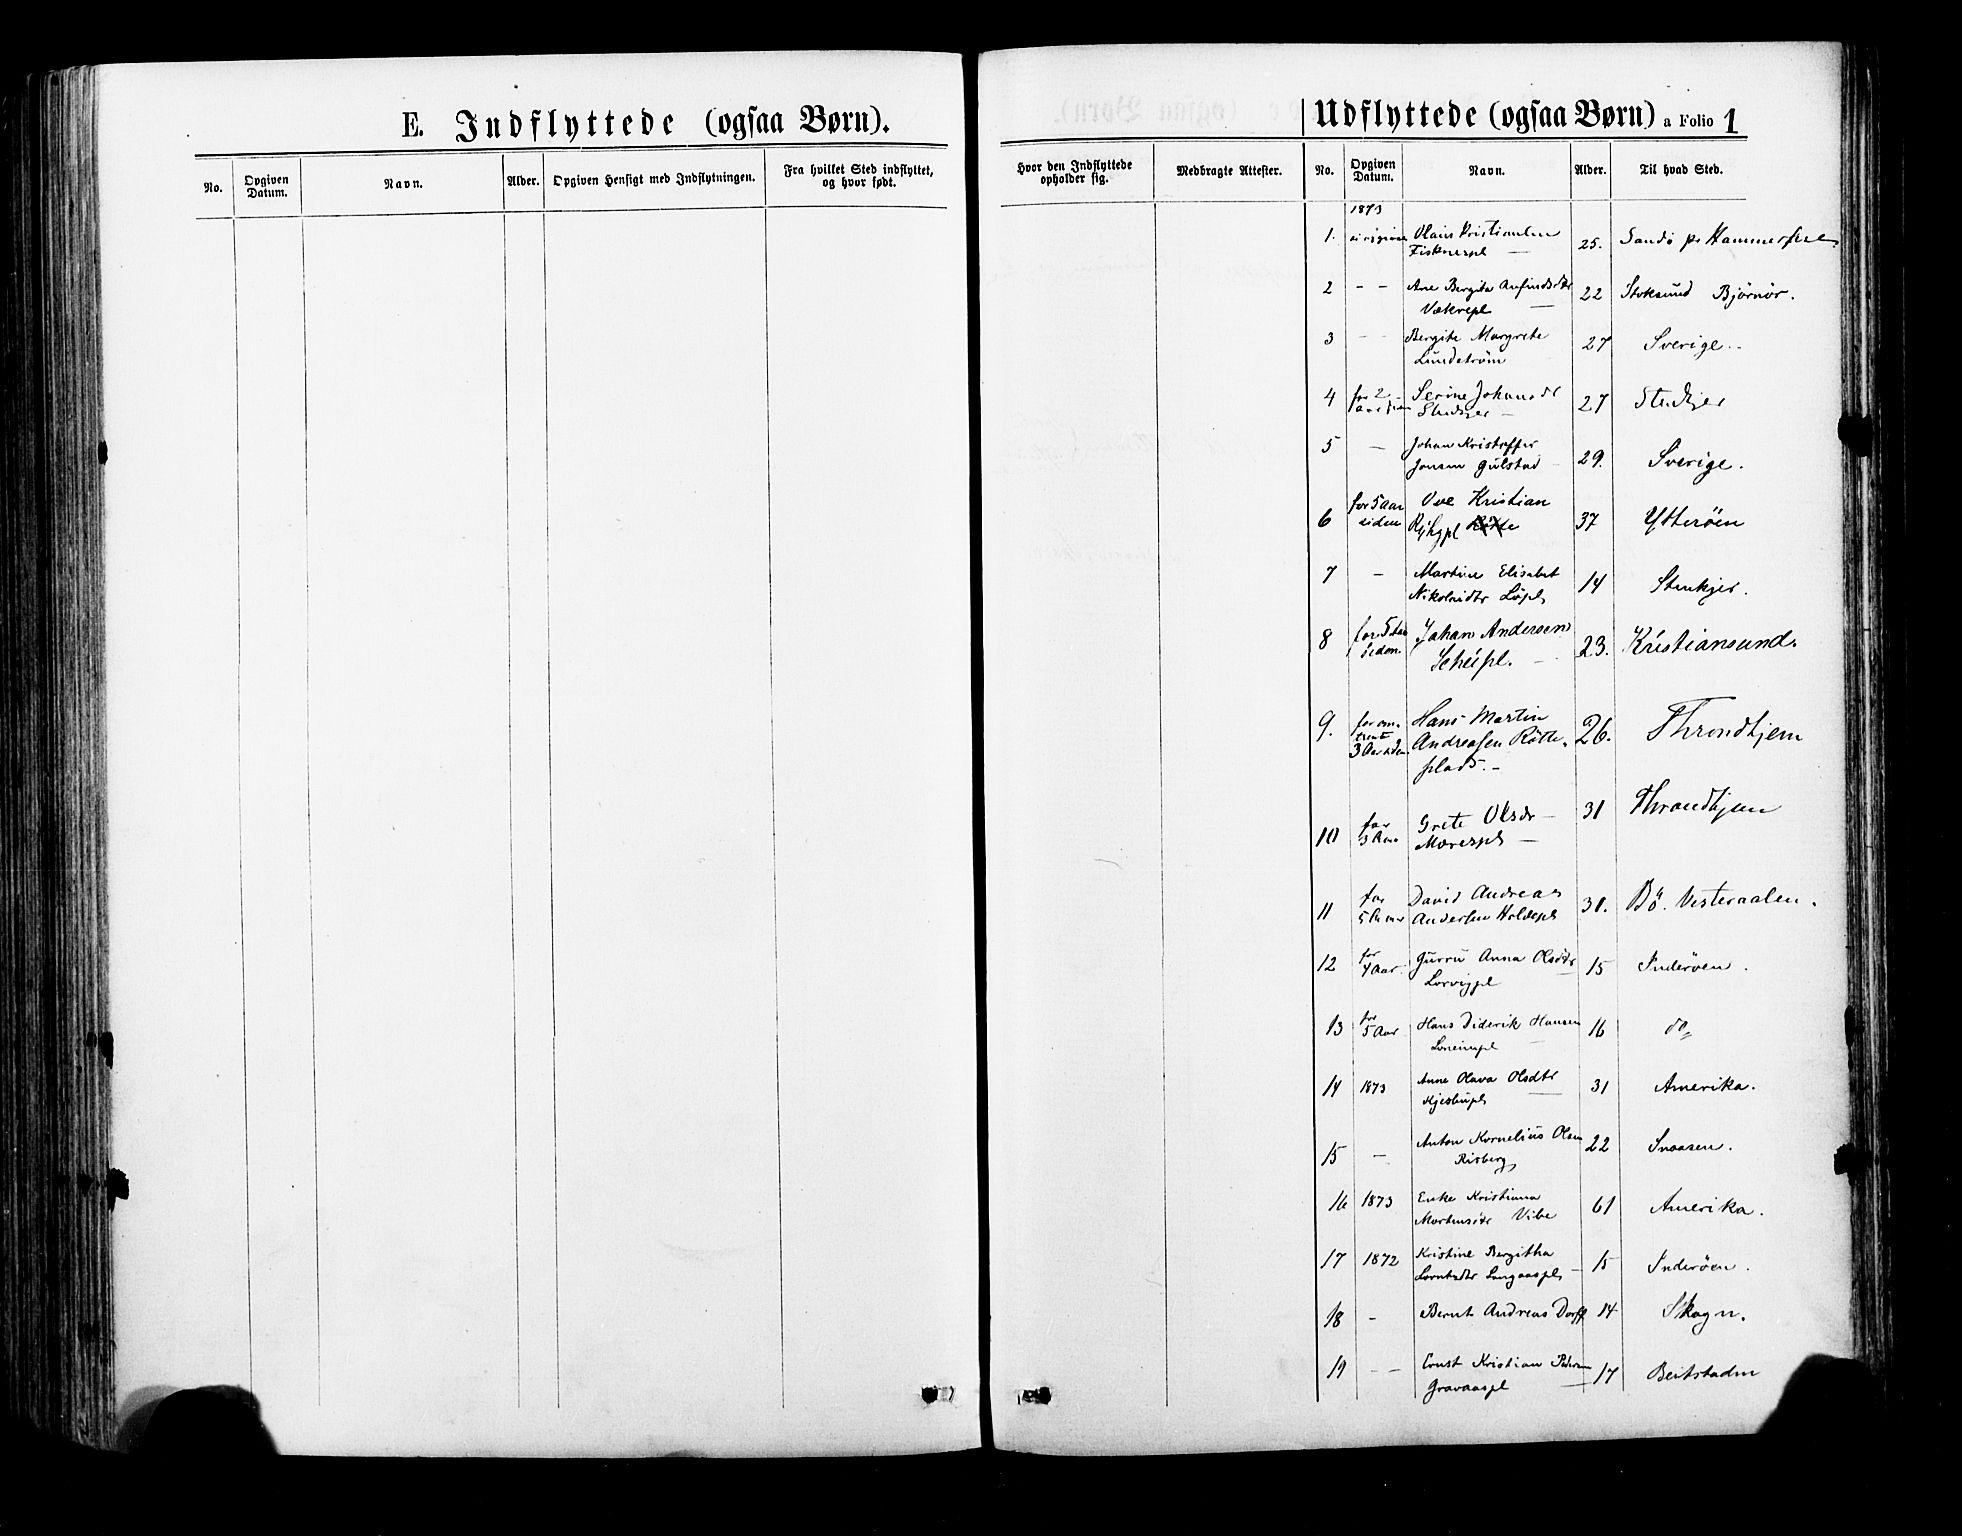 SAT, Ministerialprotokoller, klokkerbøker og fødselsregistre - Nord-Trøndelag, 735/L0348: Ministerialbok nr. 735A09 /1, 1873-1883, s. 1